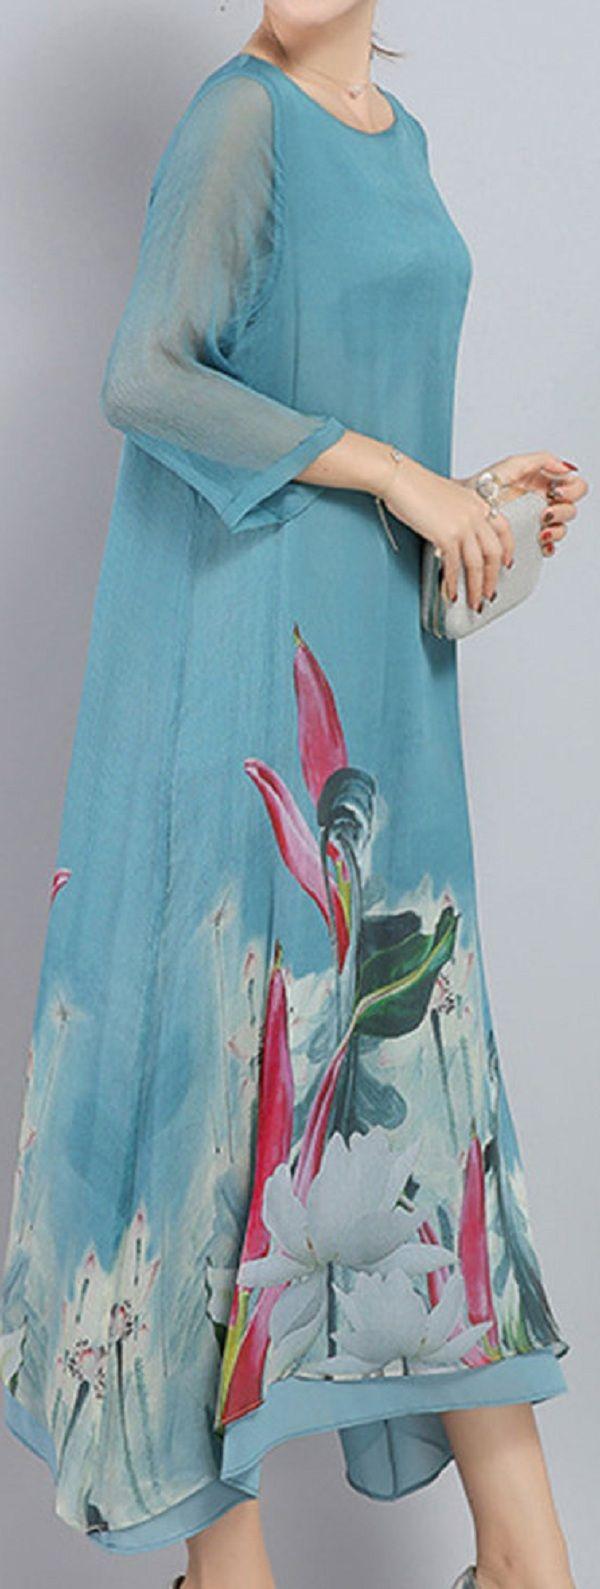 US$ 33.89 Vintage Printed Irregular Hem 3/4 Sleeve Women Mid-Long Dresses